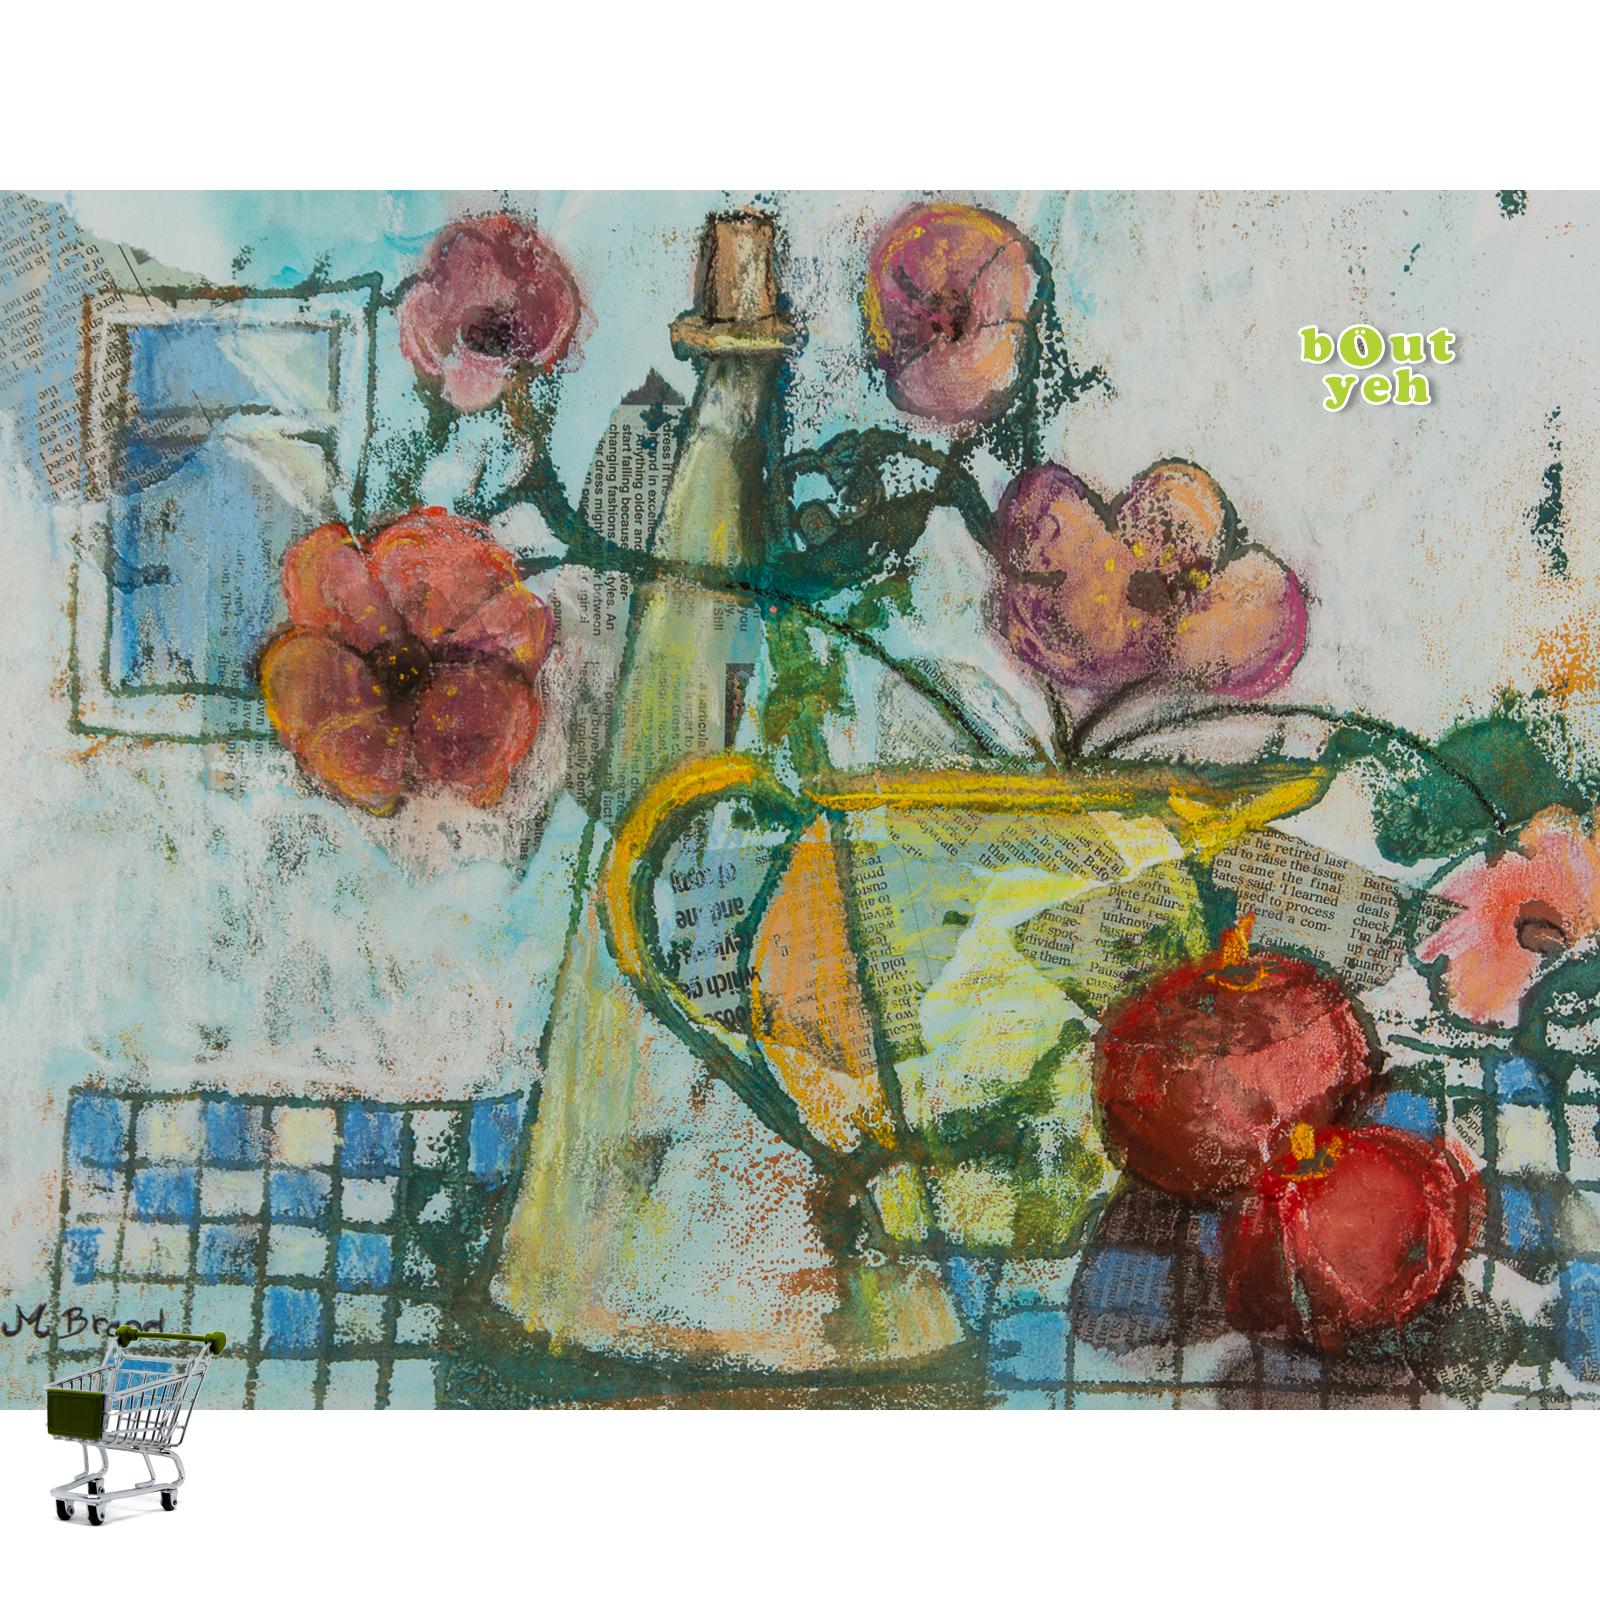 Irish art mixed media painting, with shopping cart icon - image 5629.